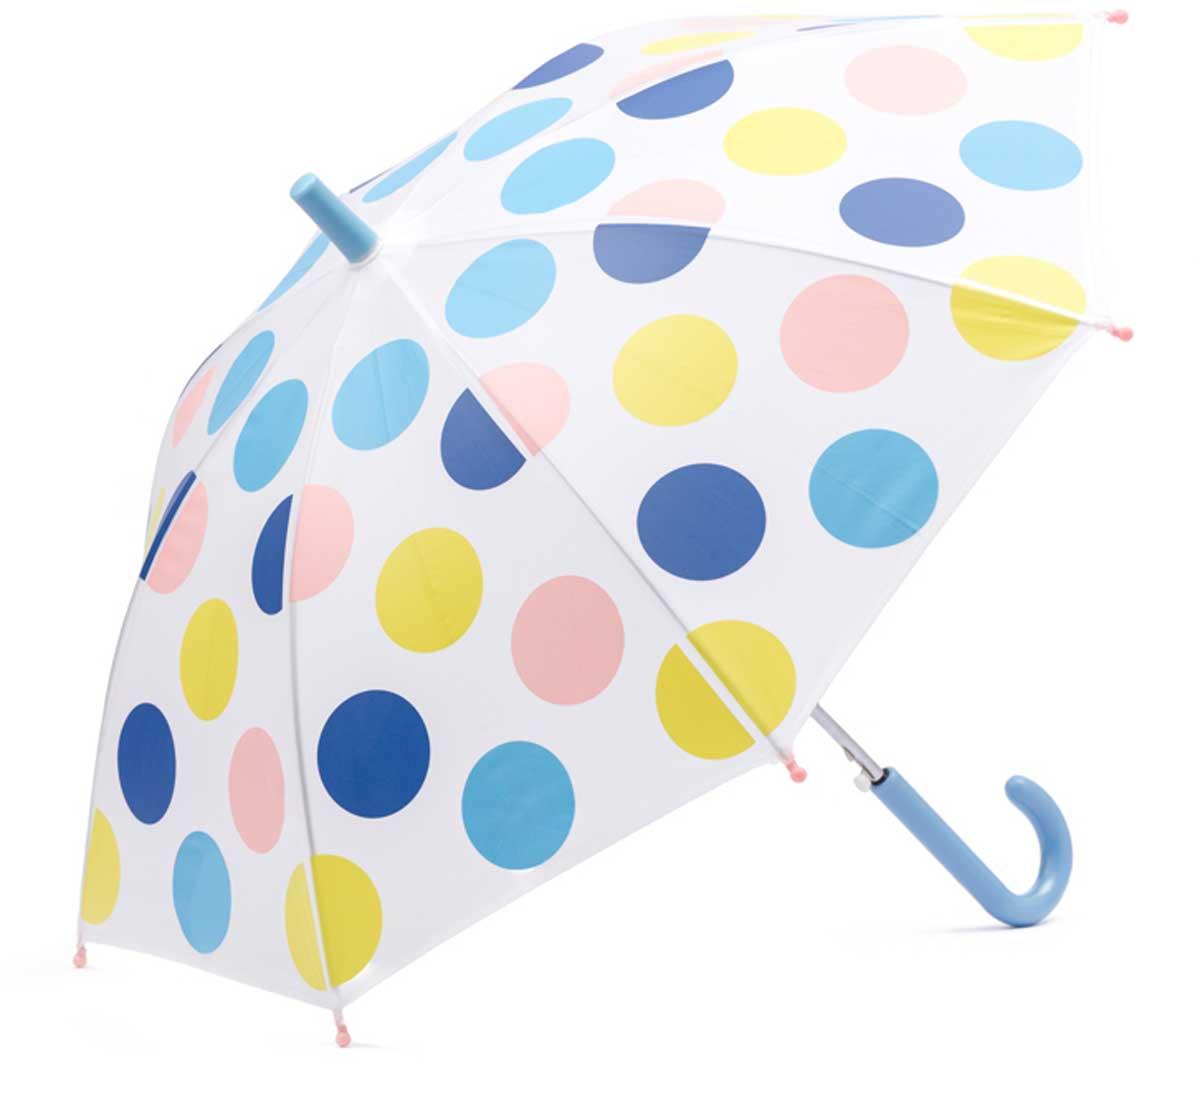 Зонт для девочки PlayToday, цвет: белый, синий, голубой, розовый, салатовый. 178702. Размер 41.55262503360Этот зонтик обязательно понравится Вашему ребенку! Оснащен специальной безопасной системой открывания и закрывания. Материал каркаса ветроустойчивый. Концы спиц снабжены пластмассовыми наконечниками для защиты от травм. Такой зонт идеально подойдет для прогулок в дождливую погоду.